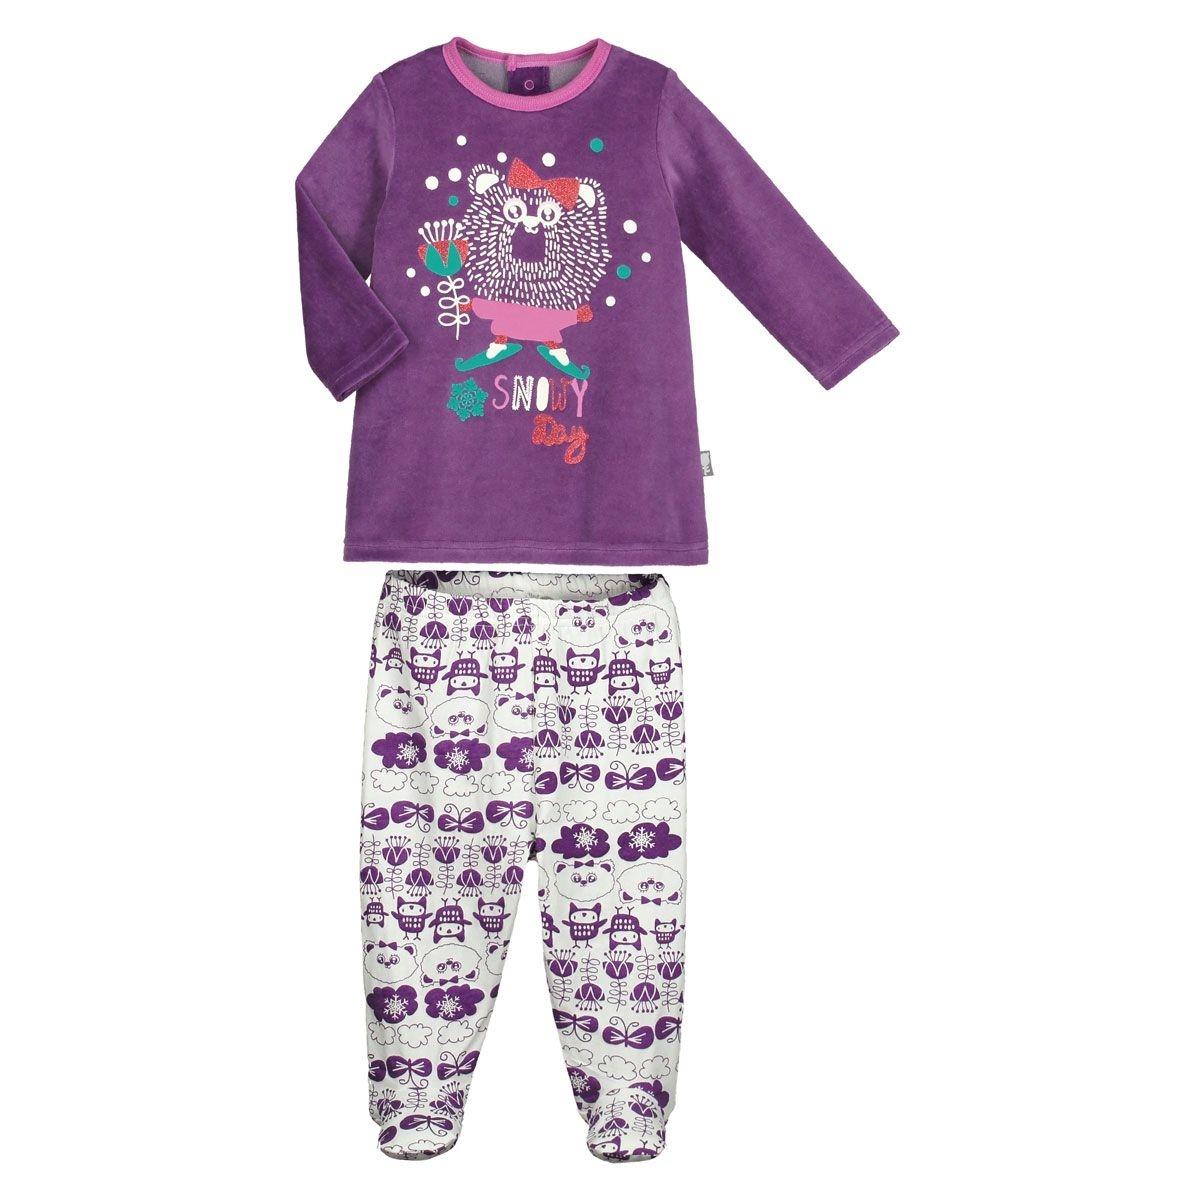 Pyjama bébé 2 pièces avec pieds Snowyday